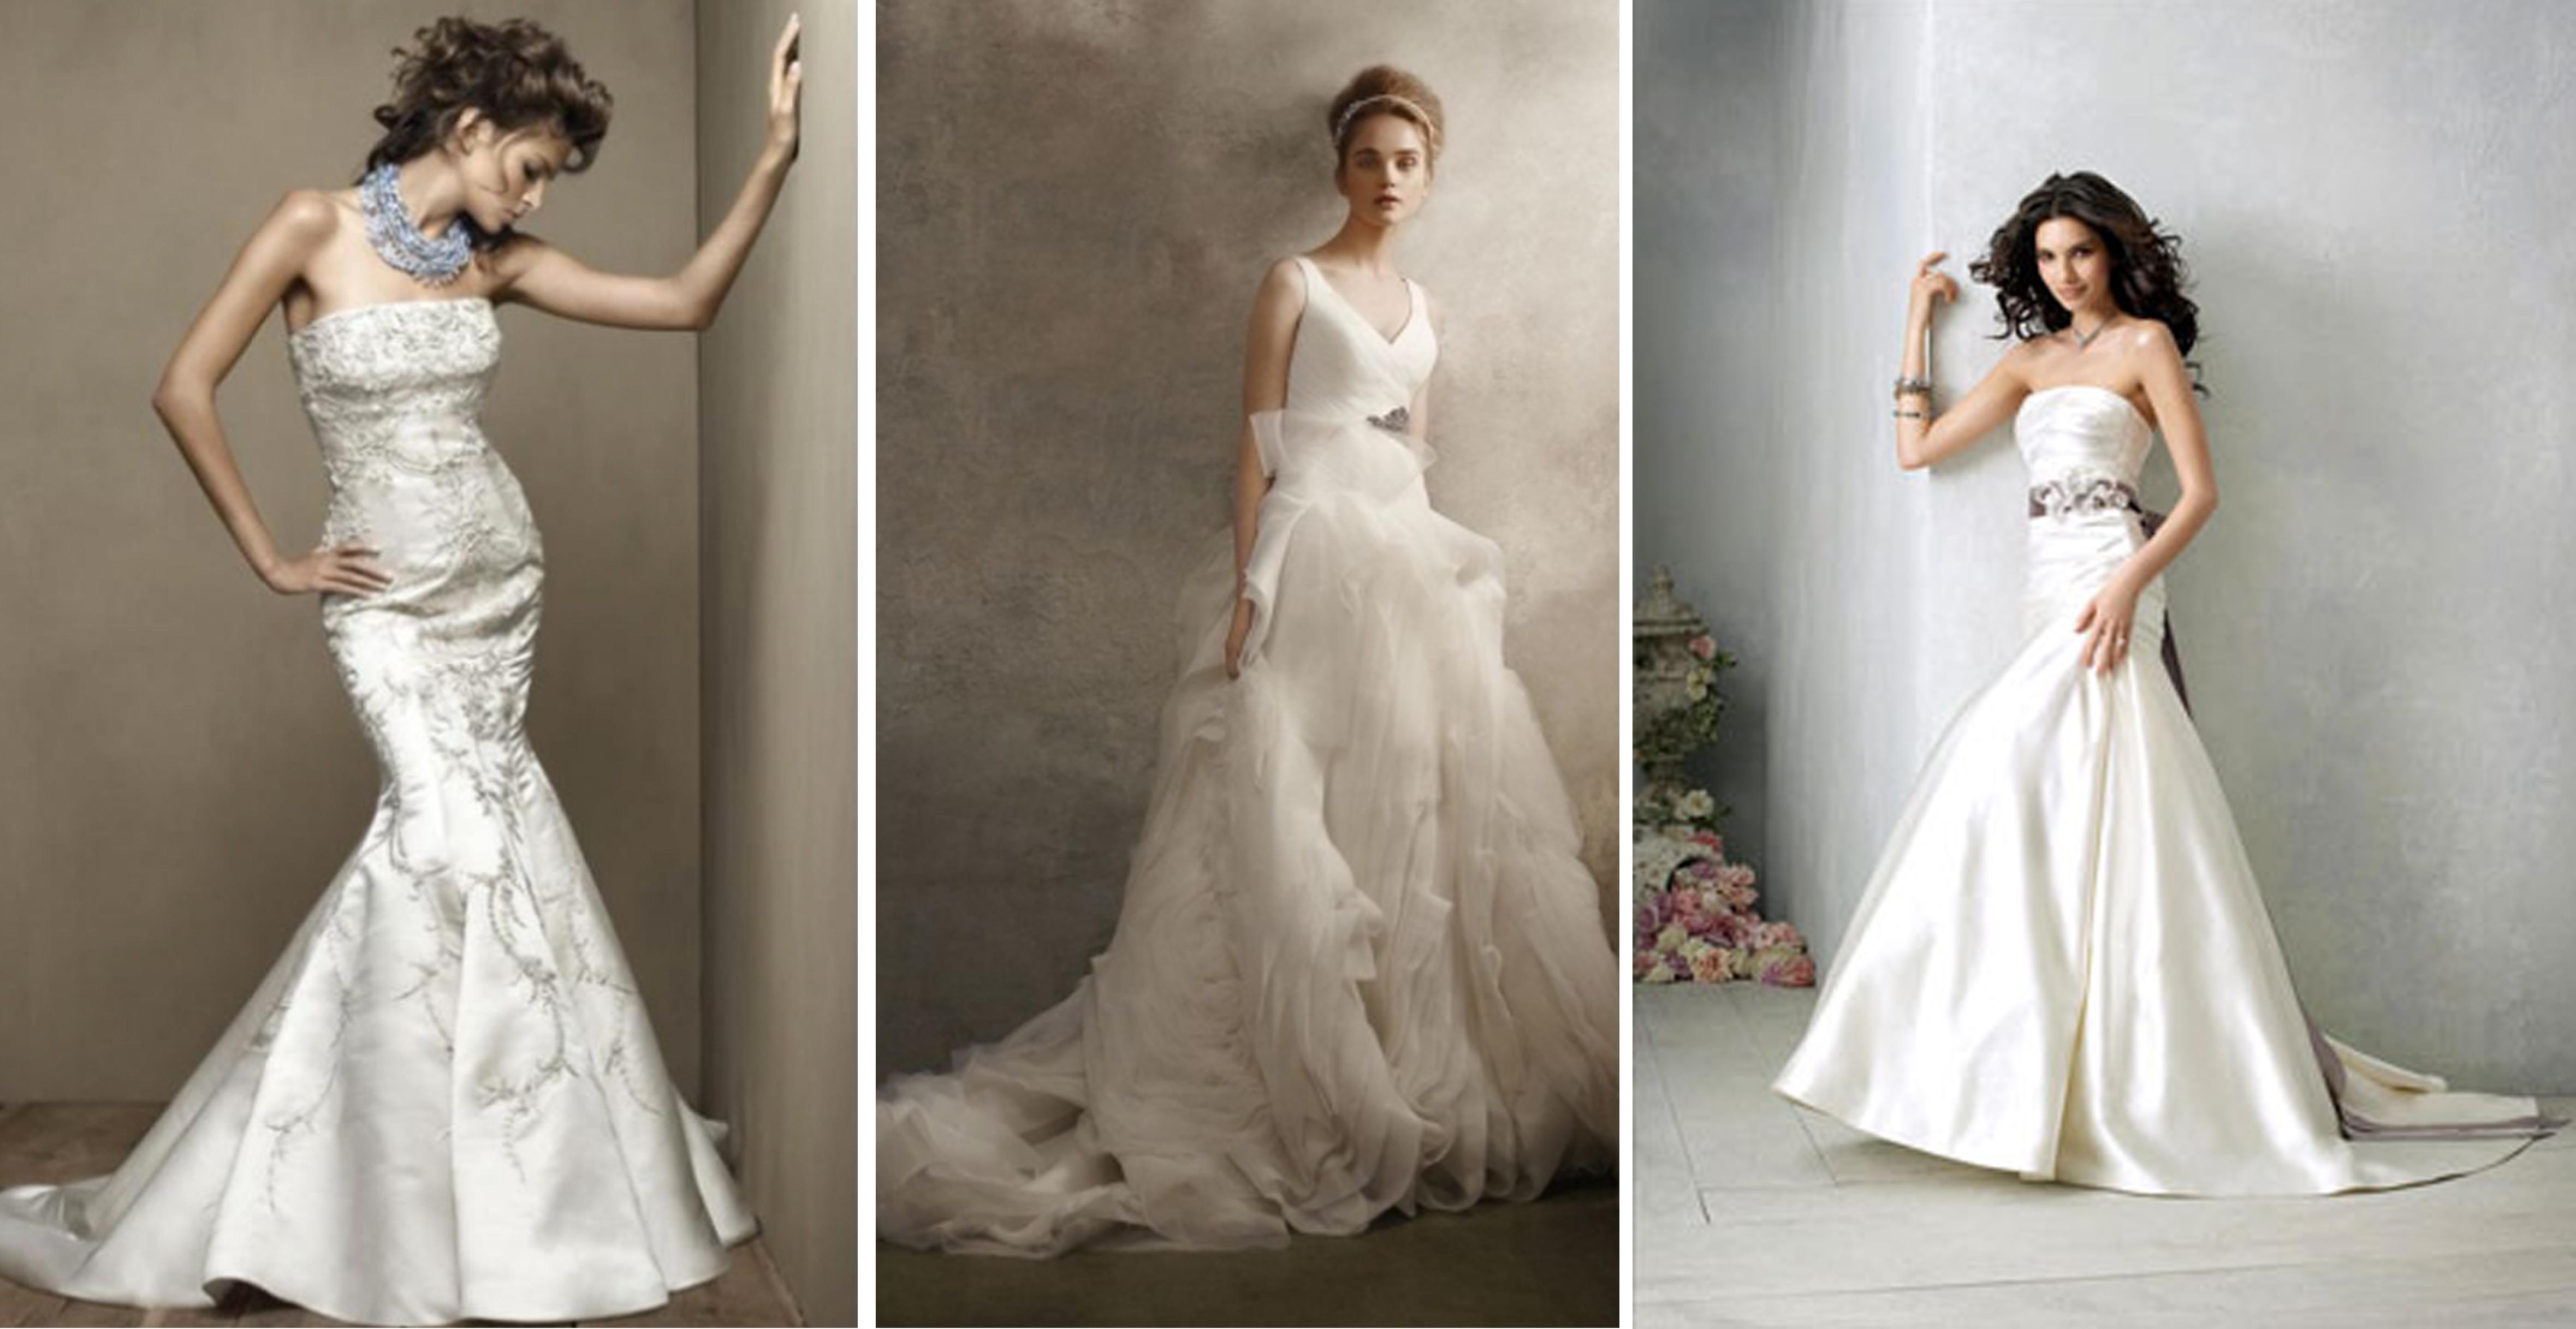 recycled | Flat Broke Bride